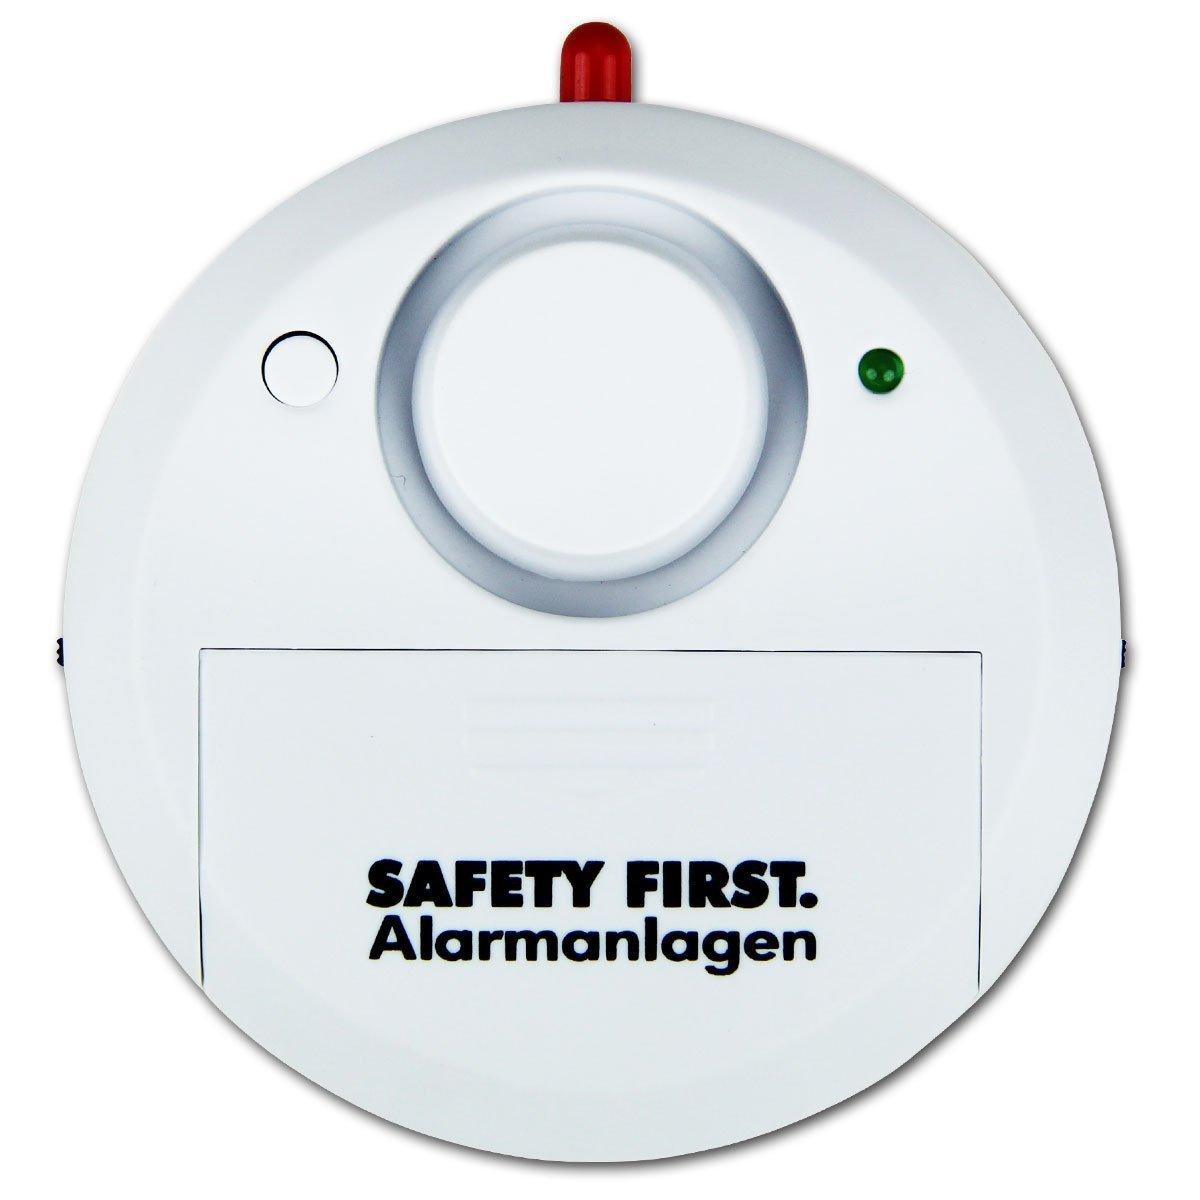 2 x Safety First Glasbruchalarm Weiß Glasbruchmelder Glasbruchsensor Einbruchschutz